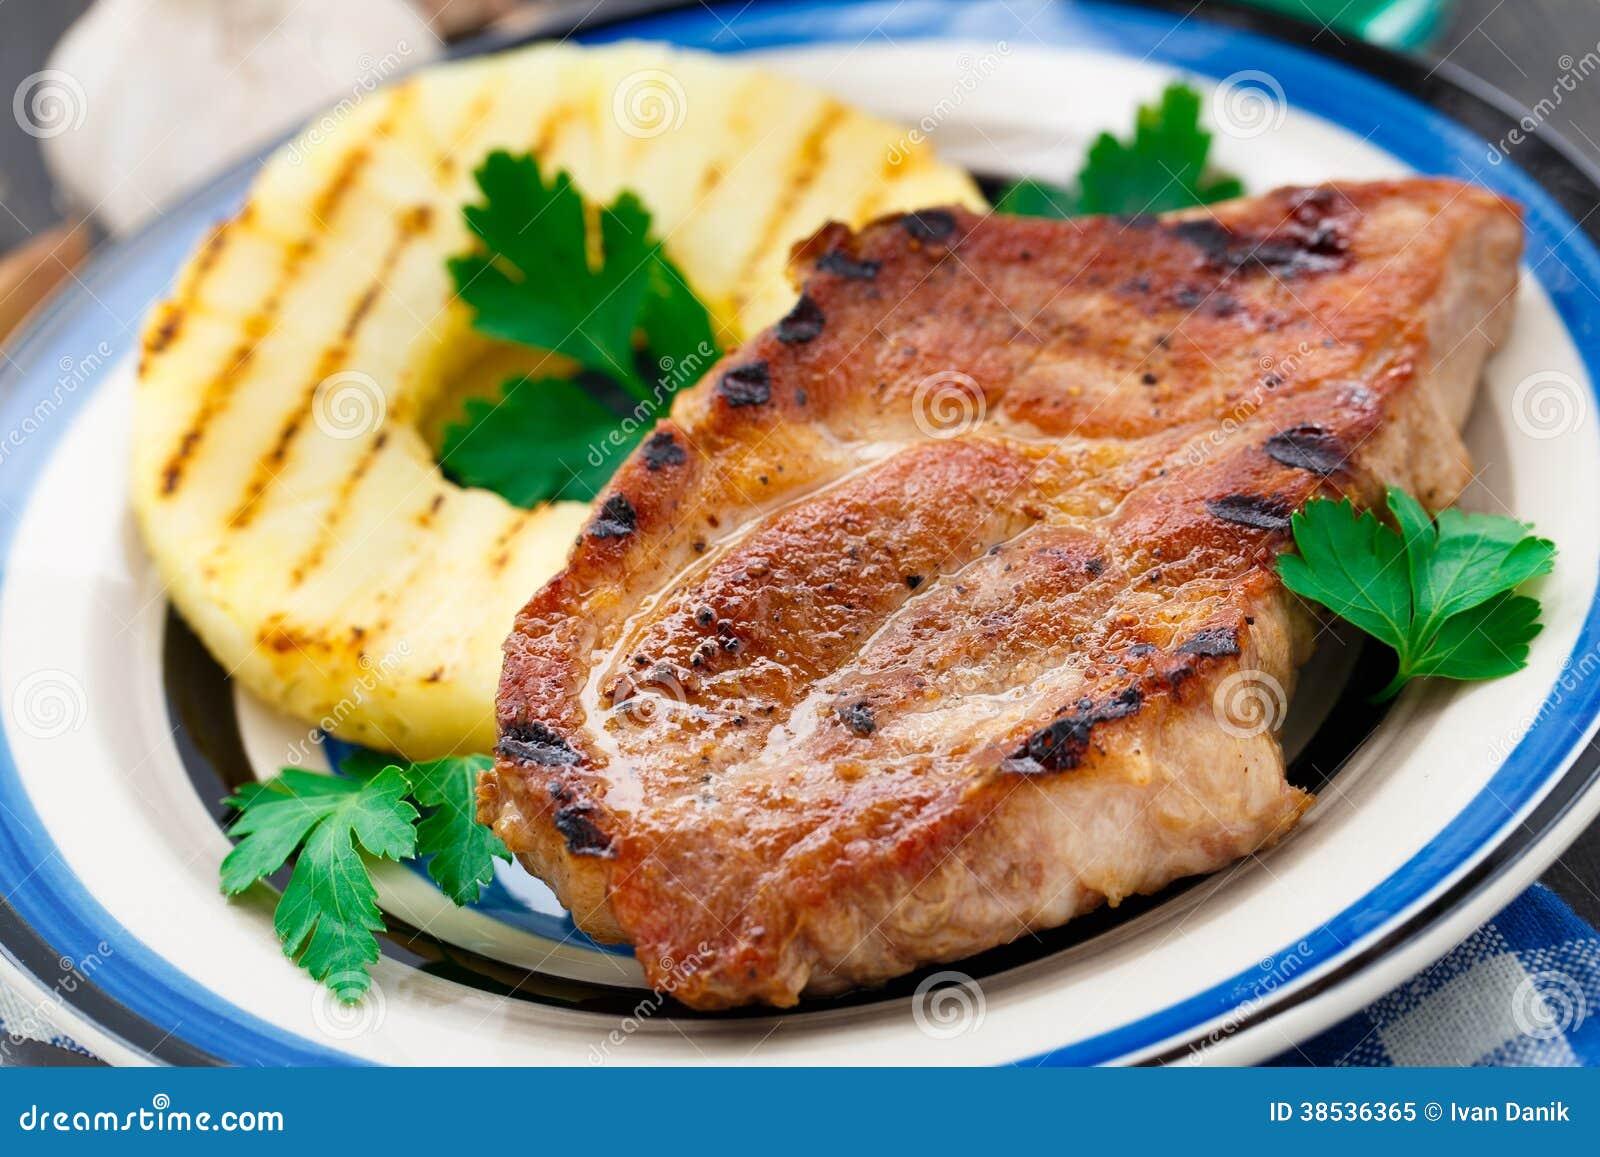 grilled pork chop stock image cartoondealer com 43308817 Pig Roast Silhouette Pig Roast Graphic